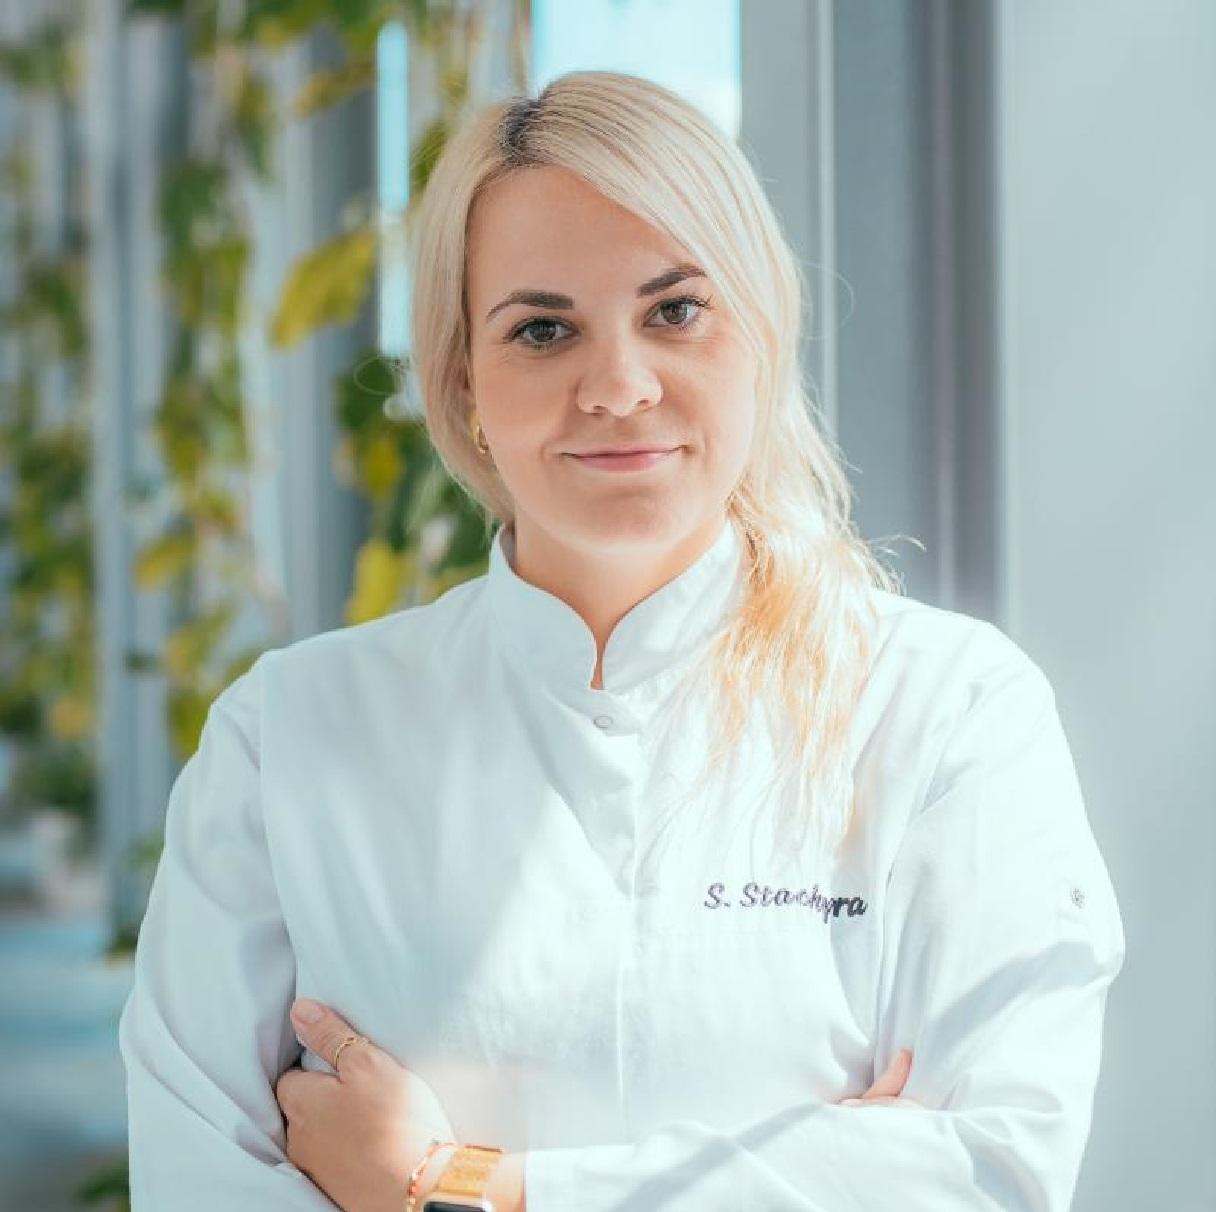 Sylwia Stachyra: Można rzec, że jestem wielkim fighterem